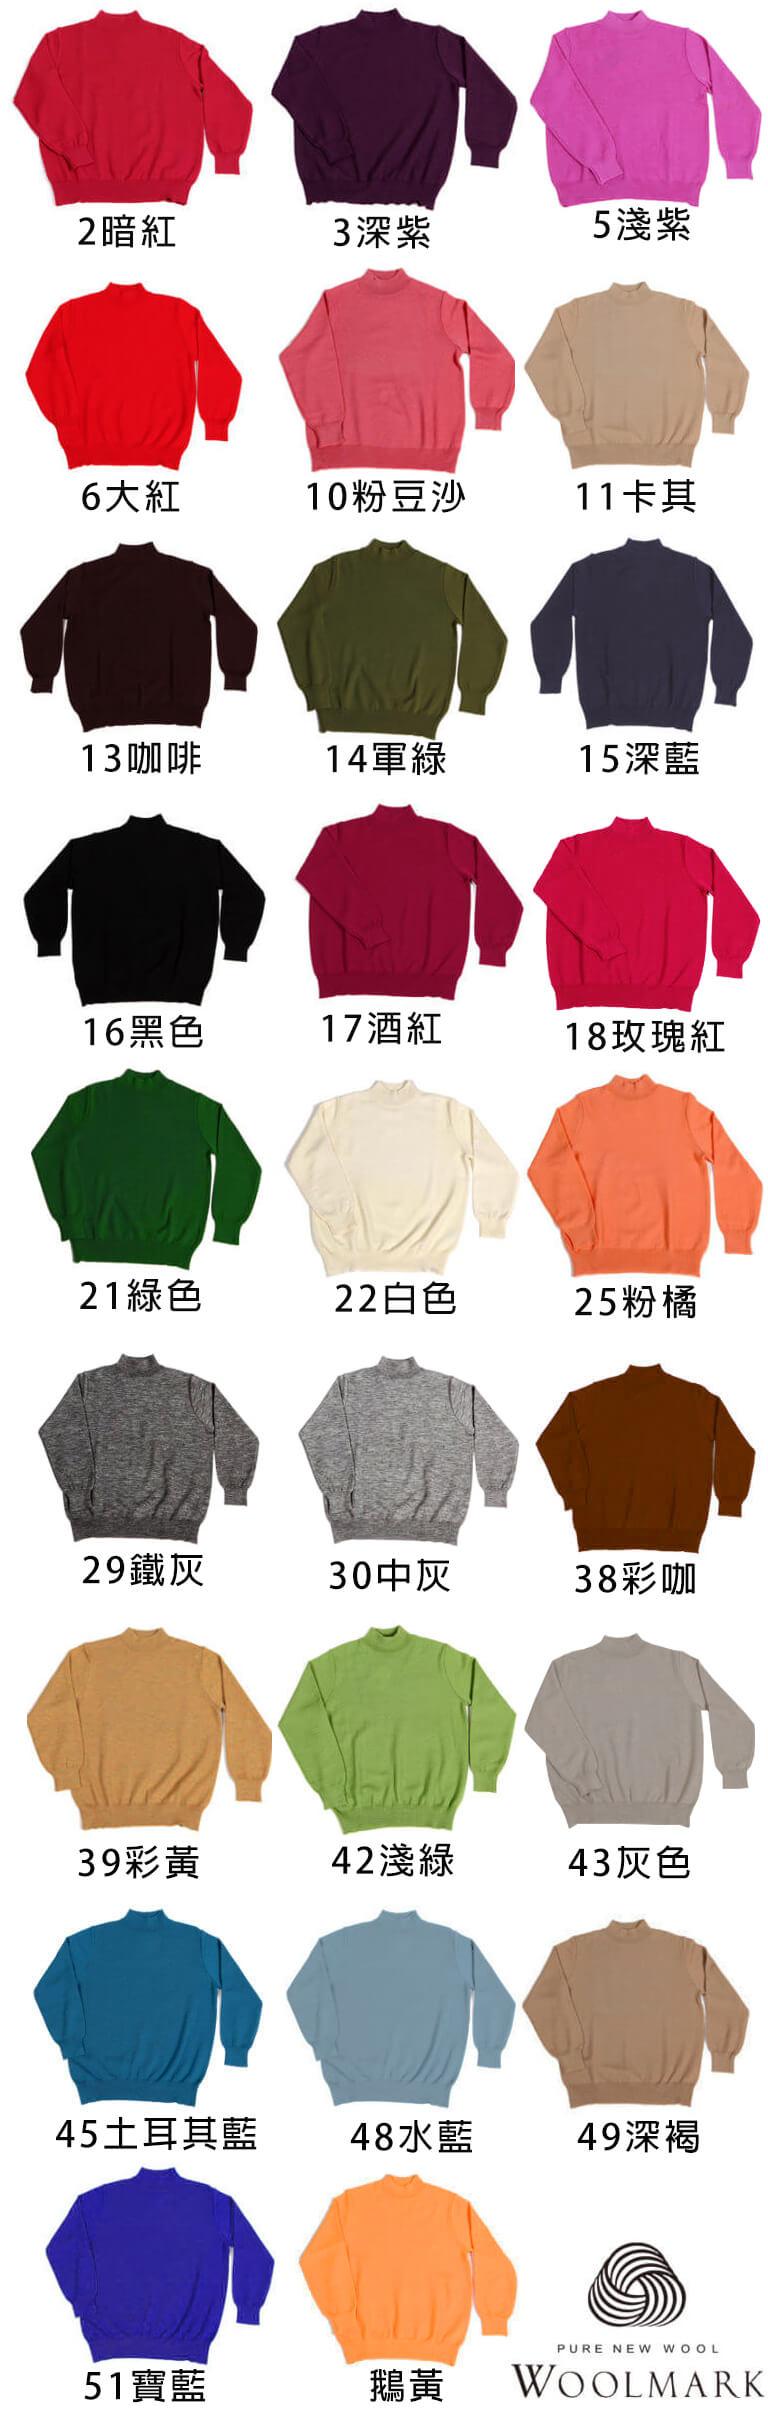 群羊101純羊毛上衣顏色種圖,具有多色可以選擇